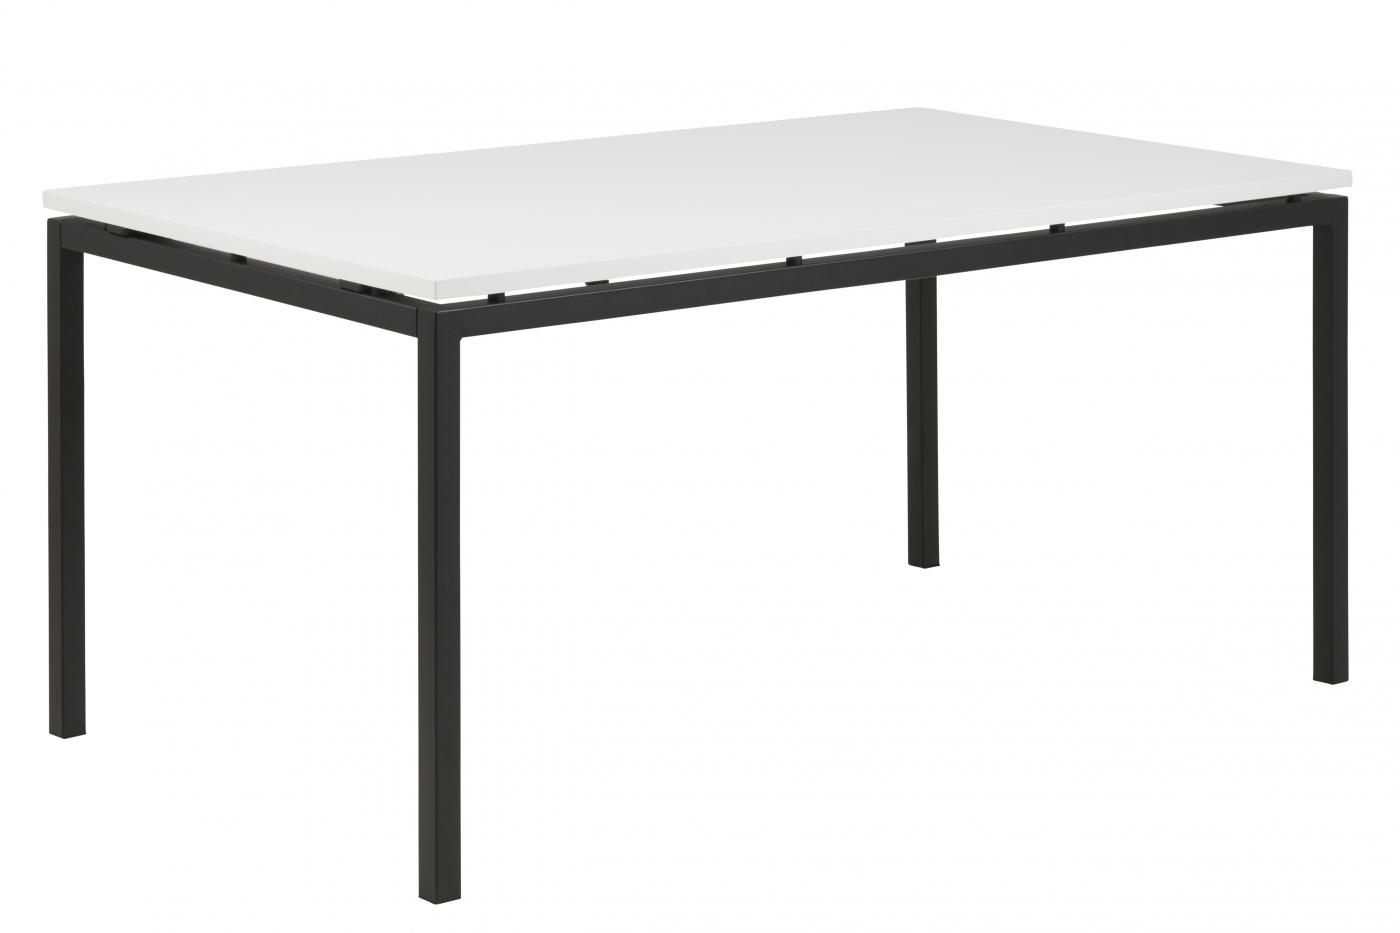 Jídelní stůl Kolba, 160 cm, bílý / kov